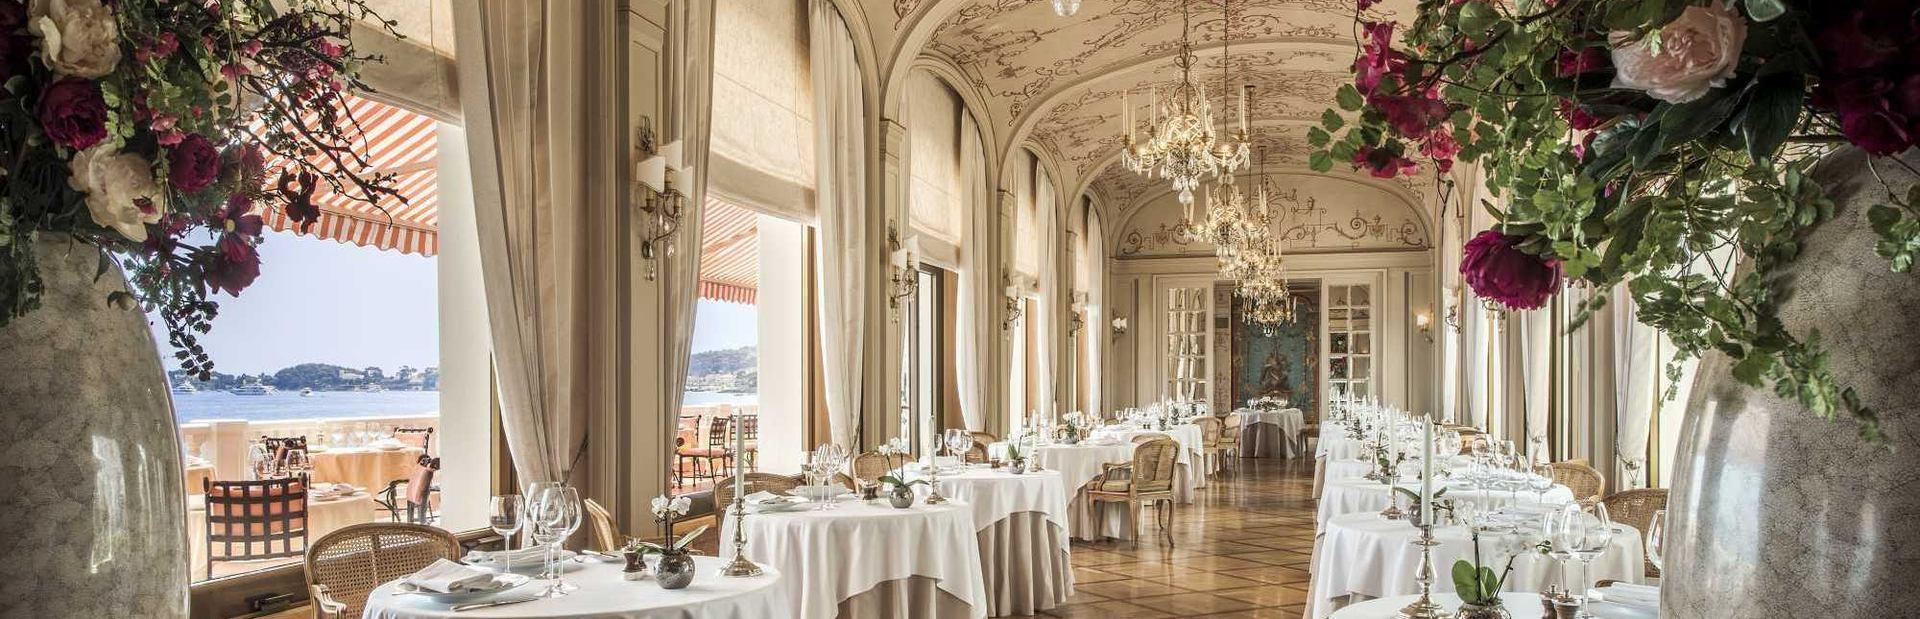 Le Restaurant des Rois Image 1